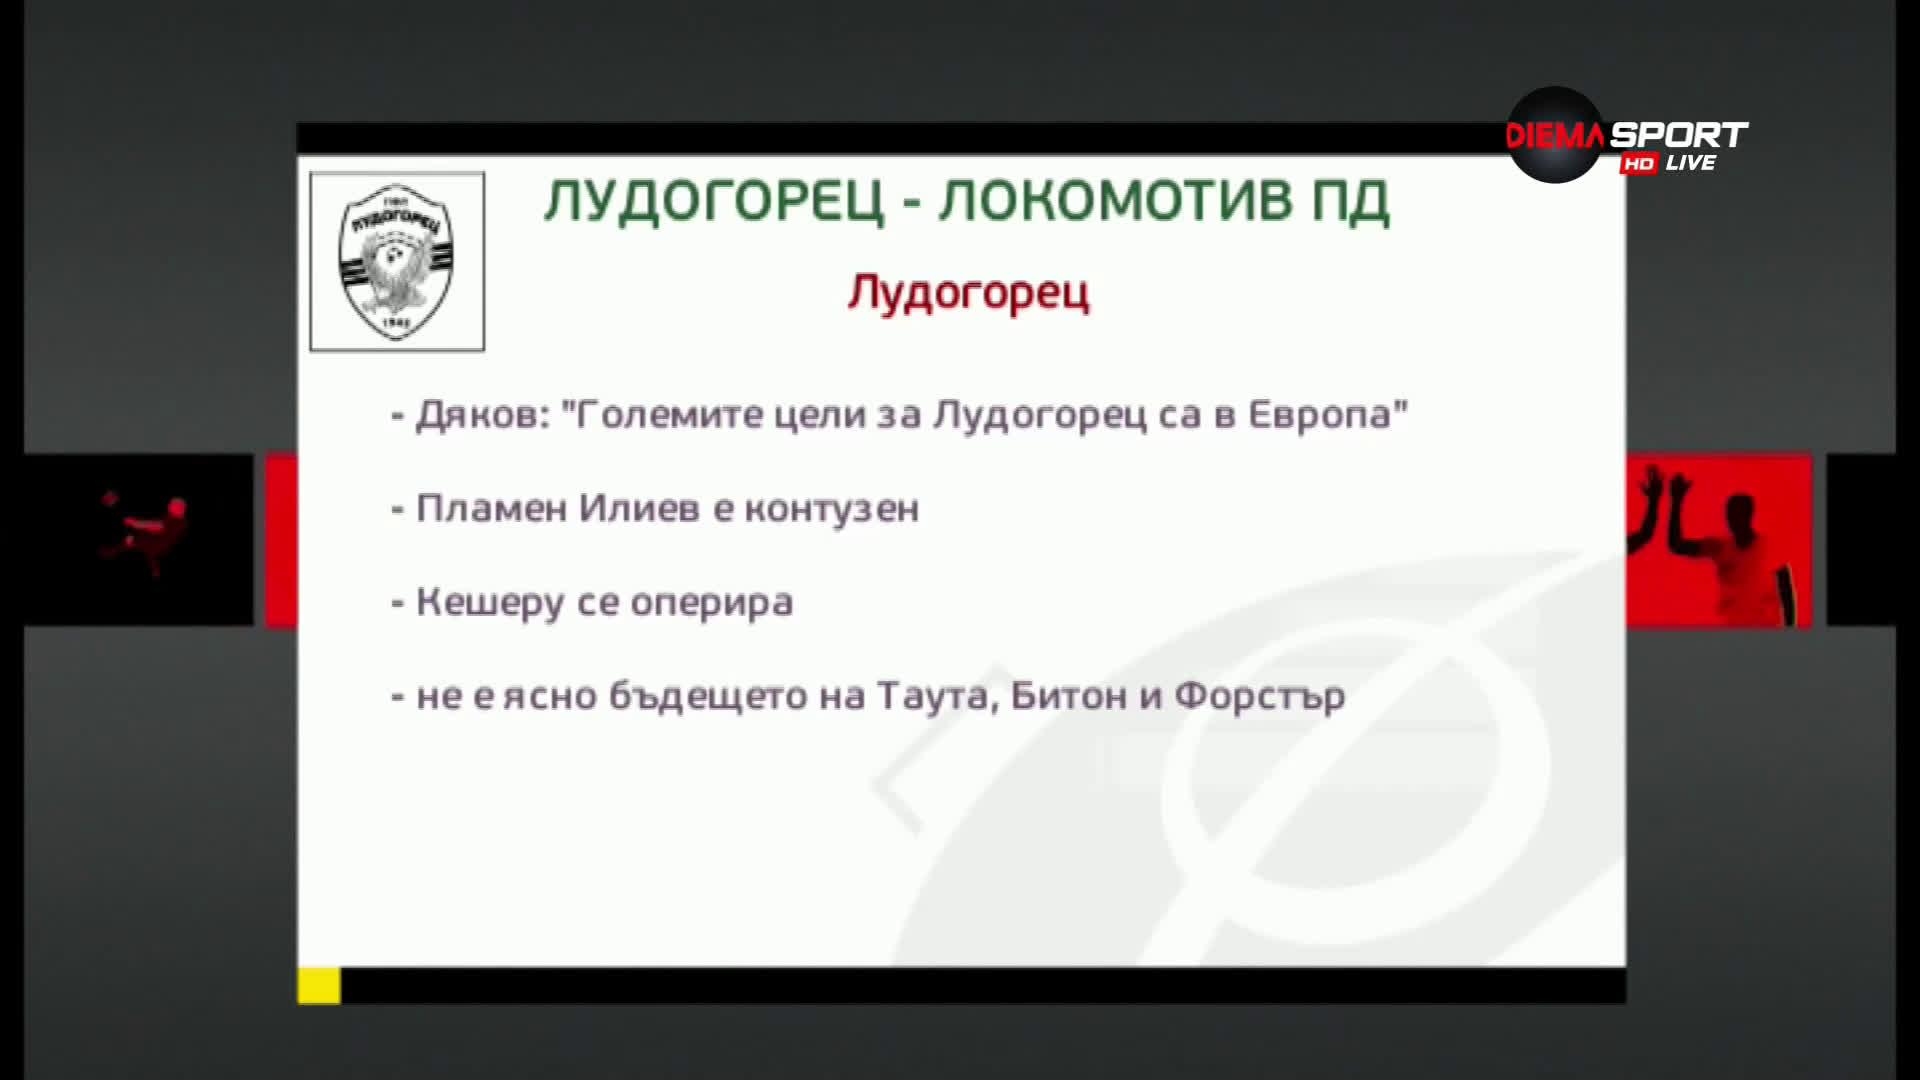 Преди Лудогорец - Локомотив Пловдив